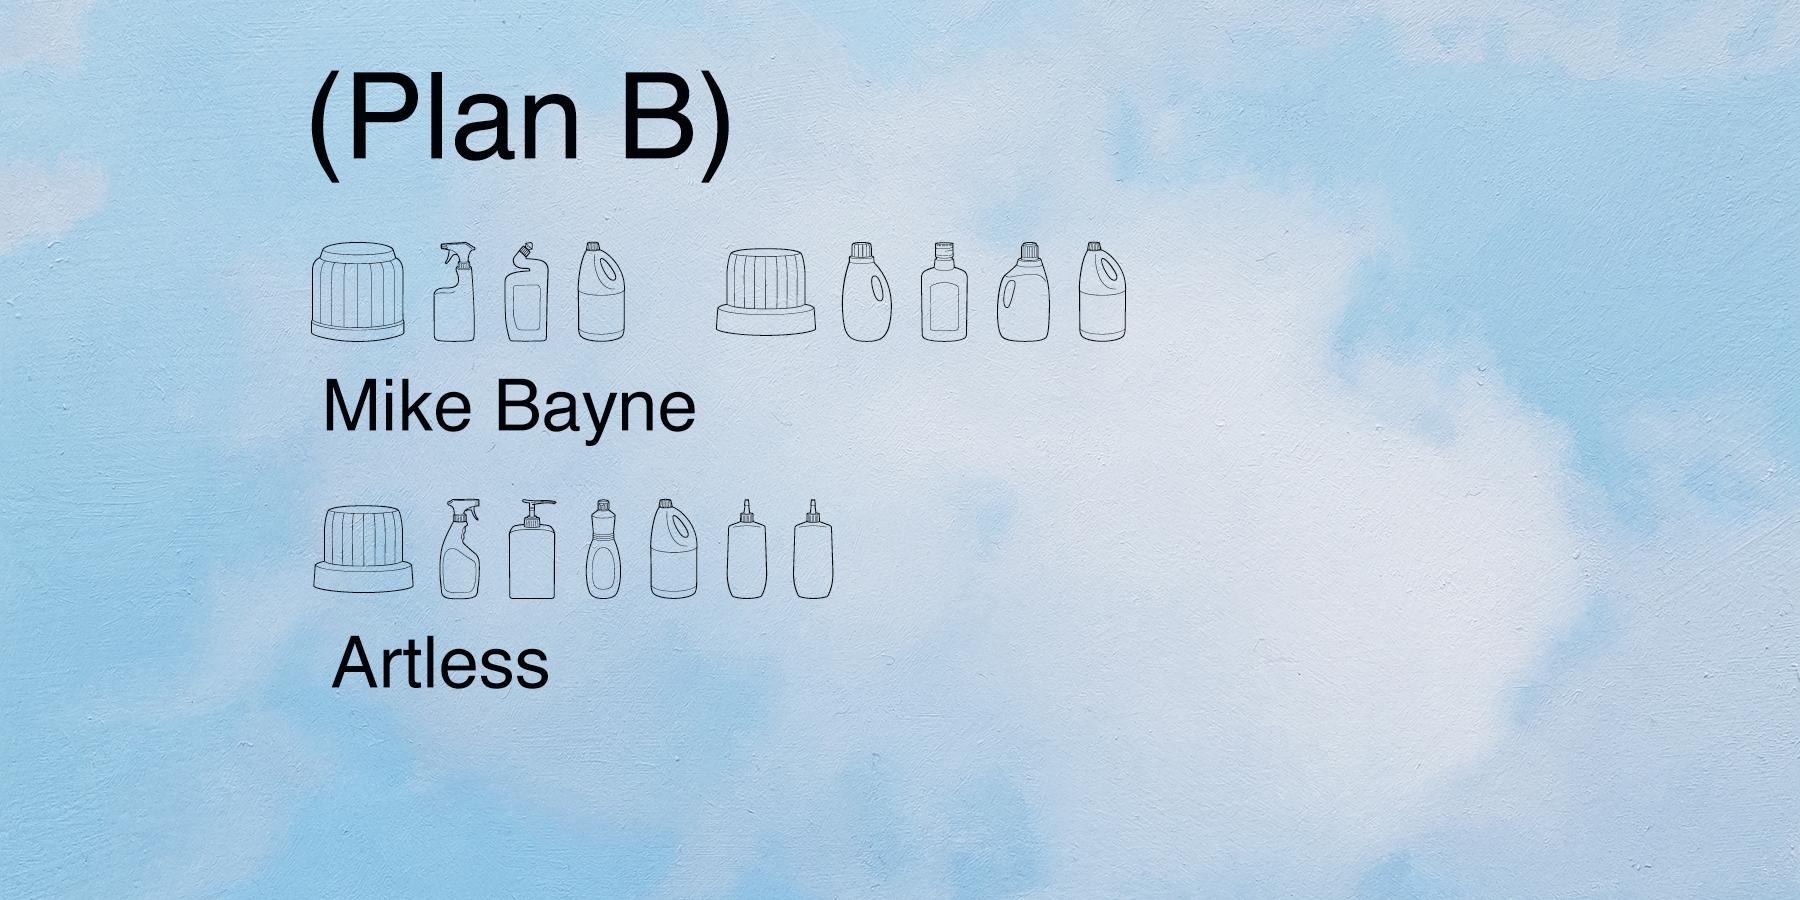 Mike Bayne: Artless